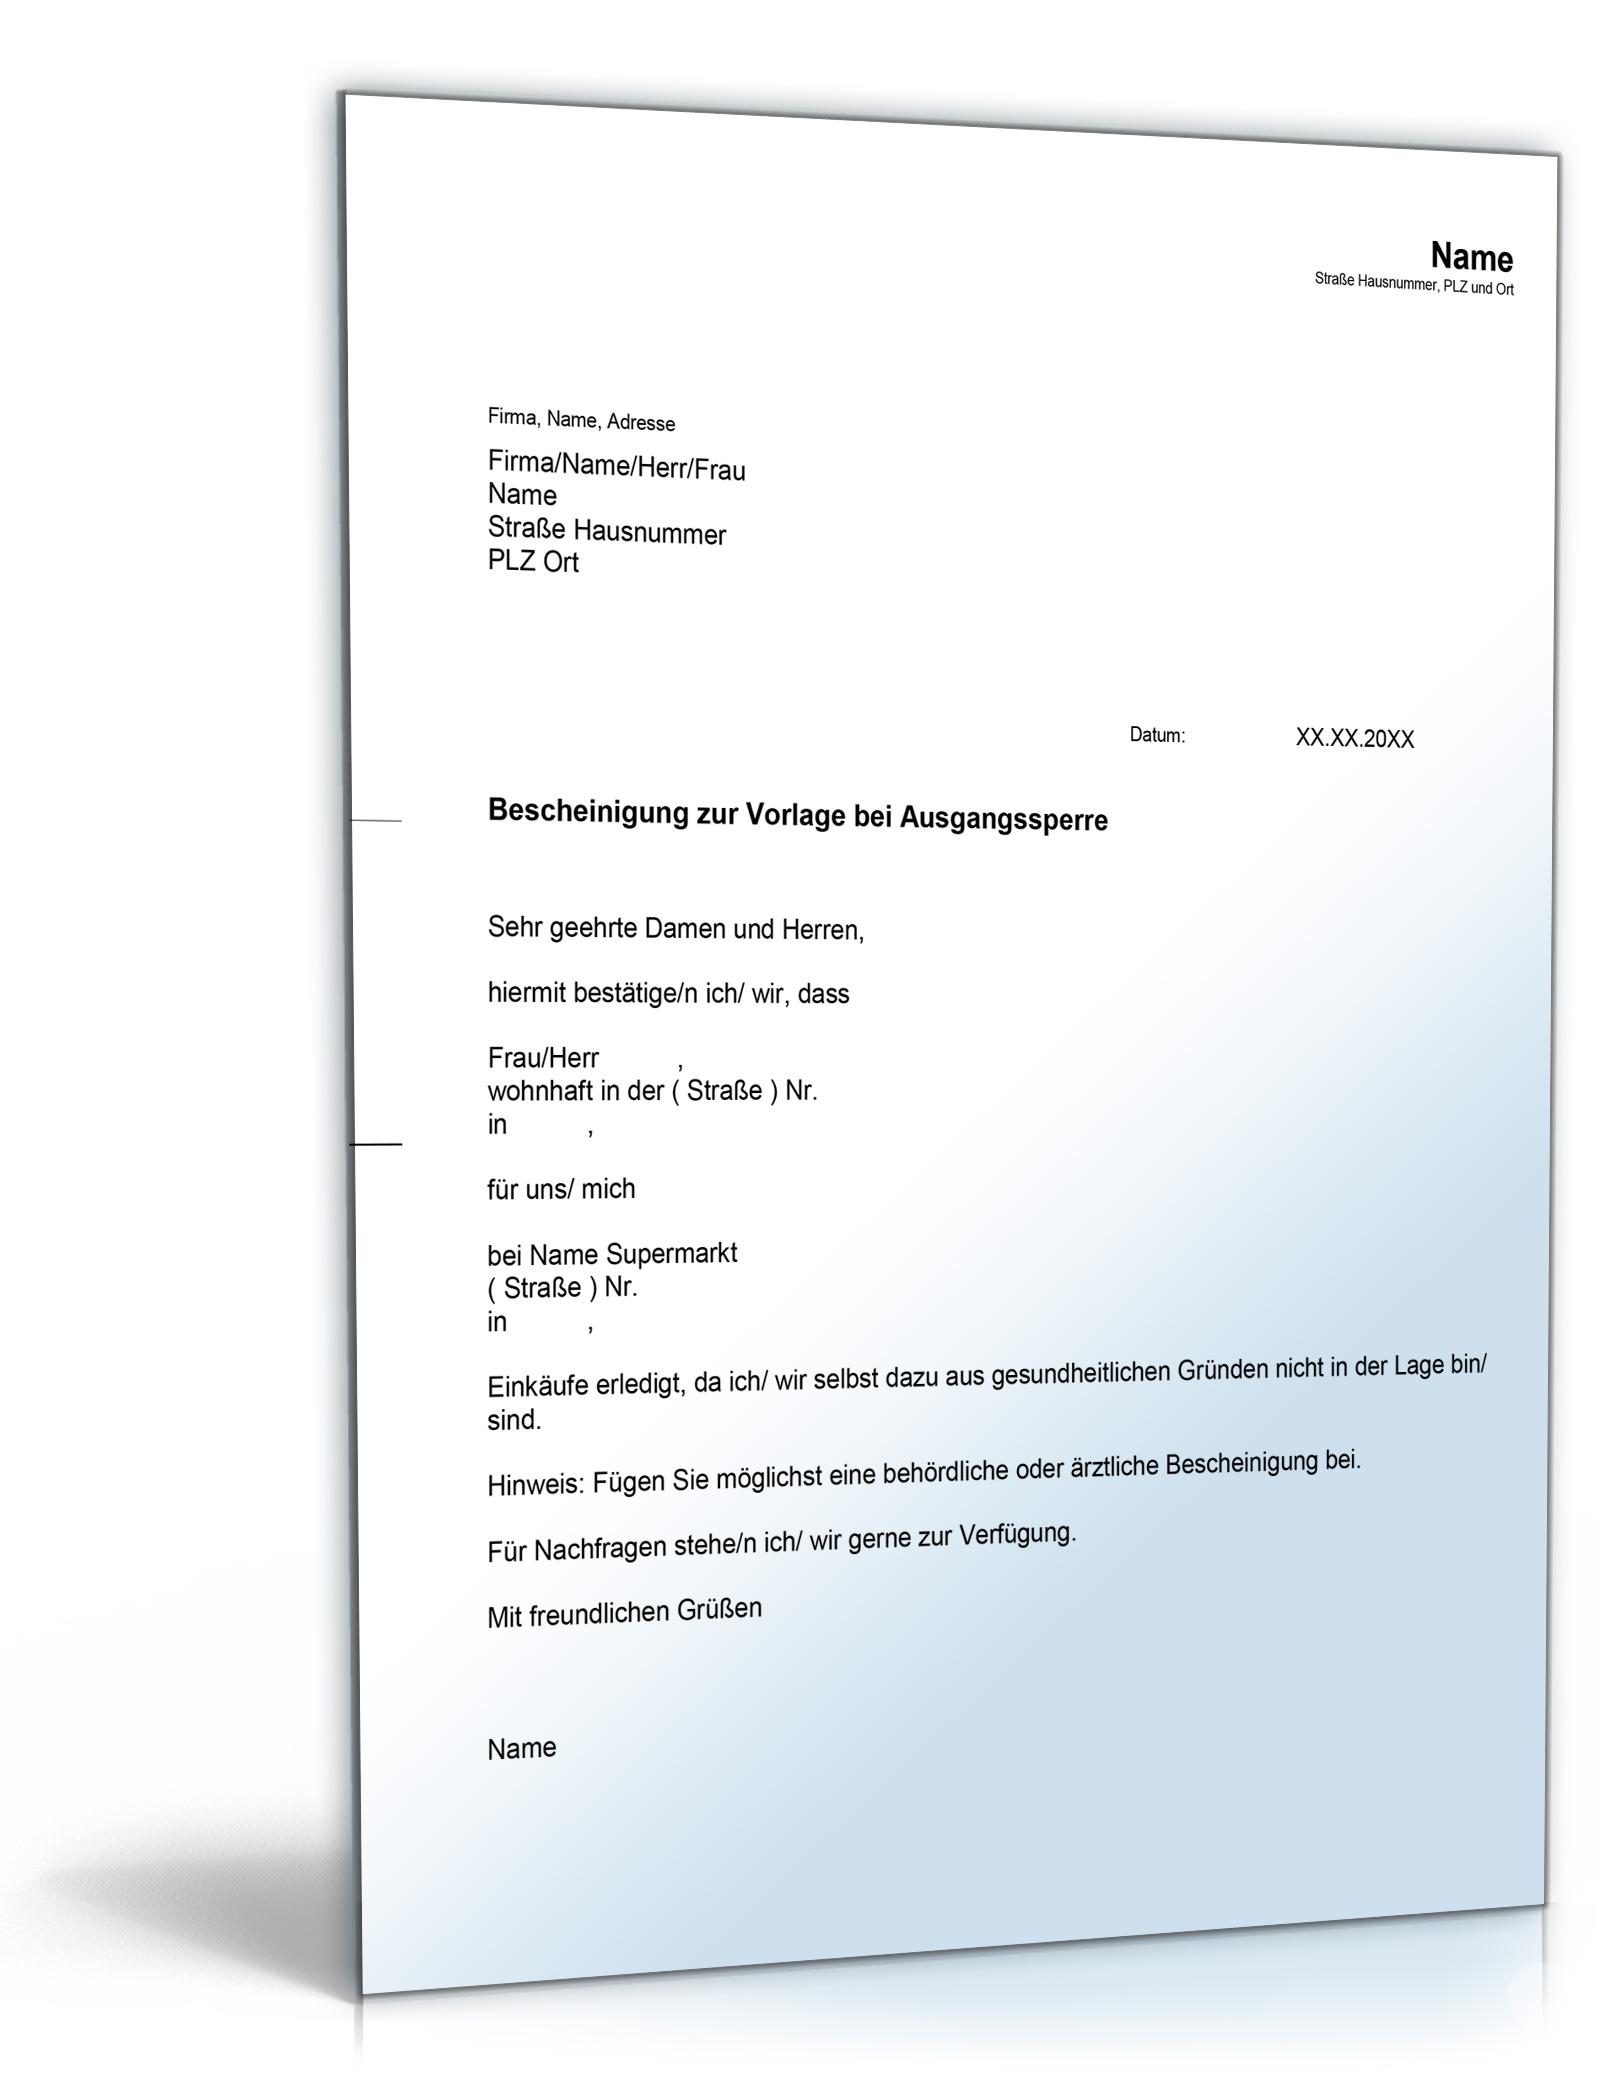 Private Bescheinigung bei Ausgangssperre Dokument zum Download